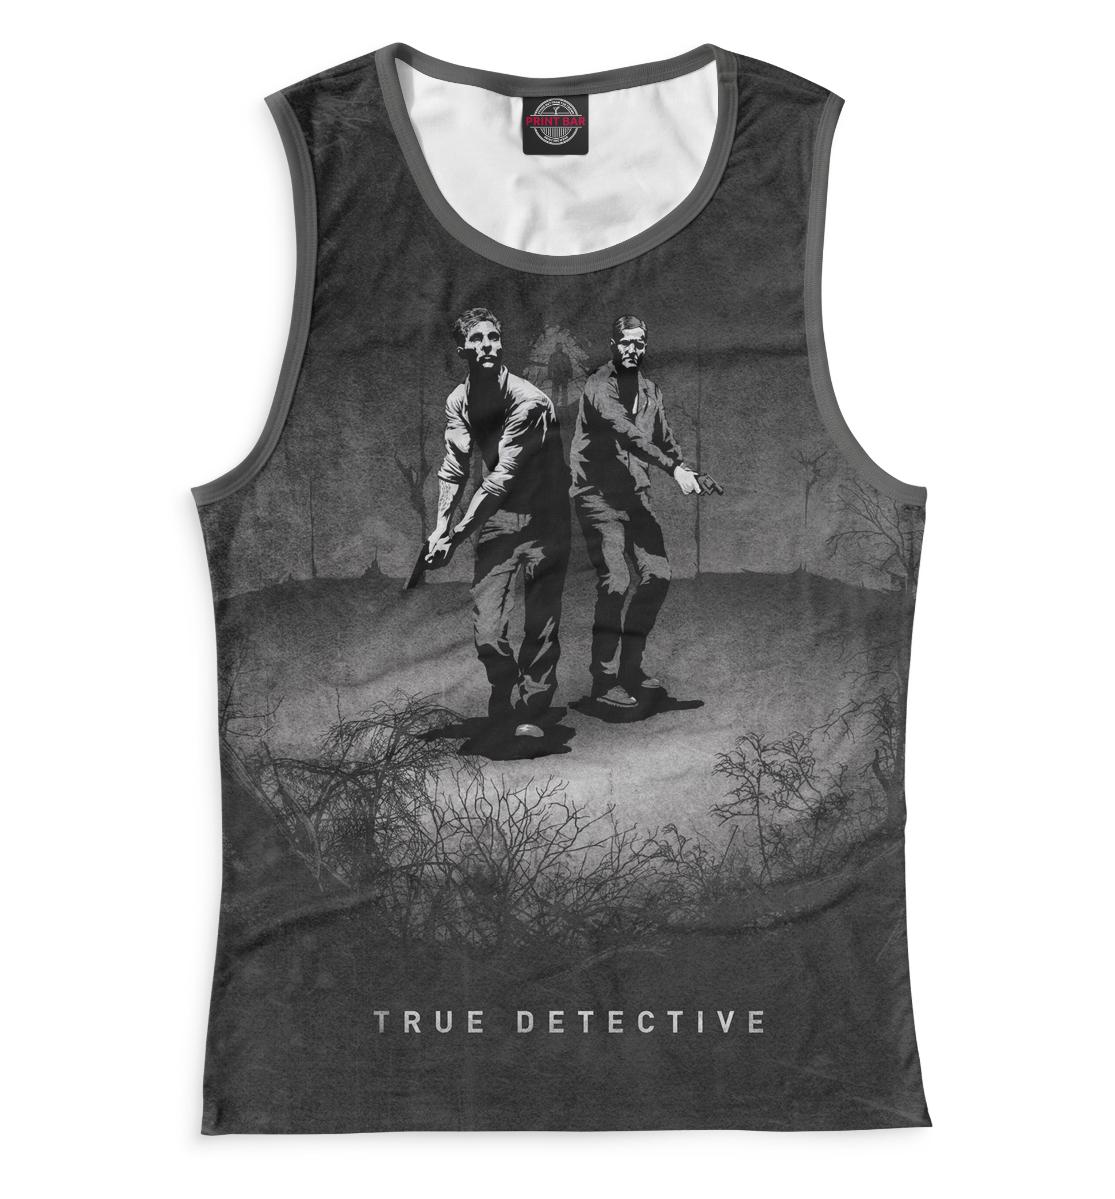 Купить Настоящий детектив, Printbar, Майки, NAS-700502-may-1